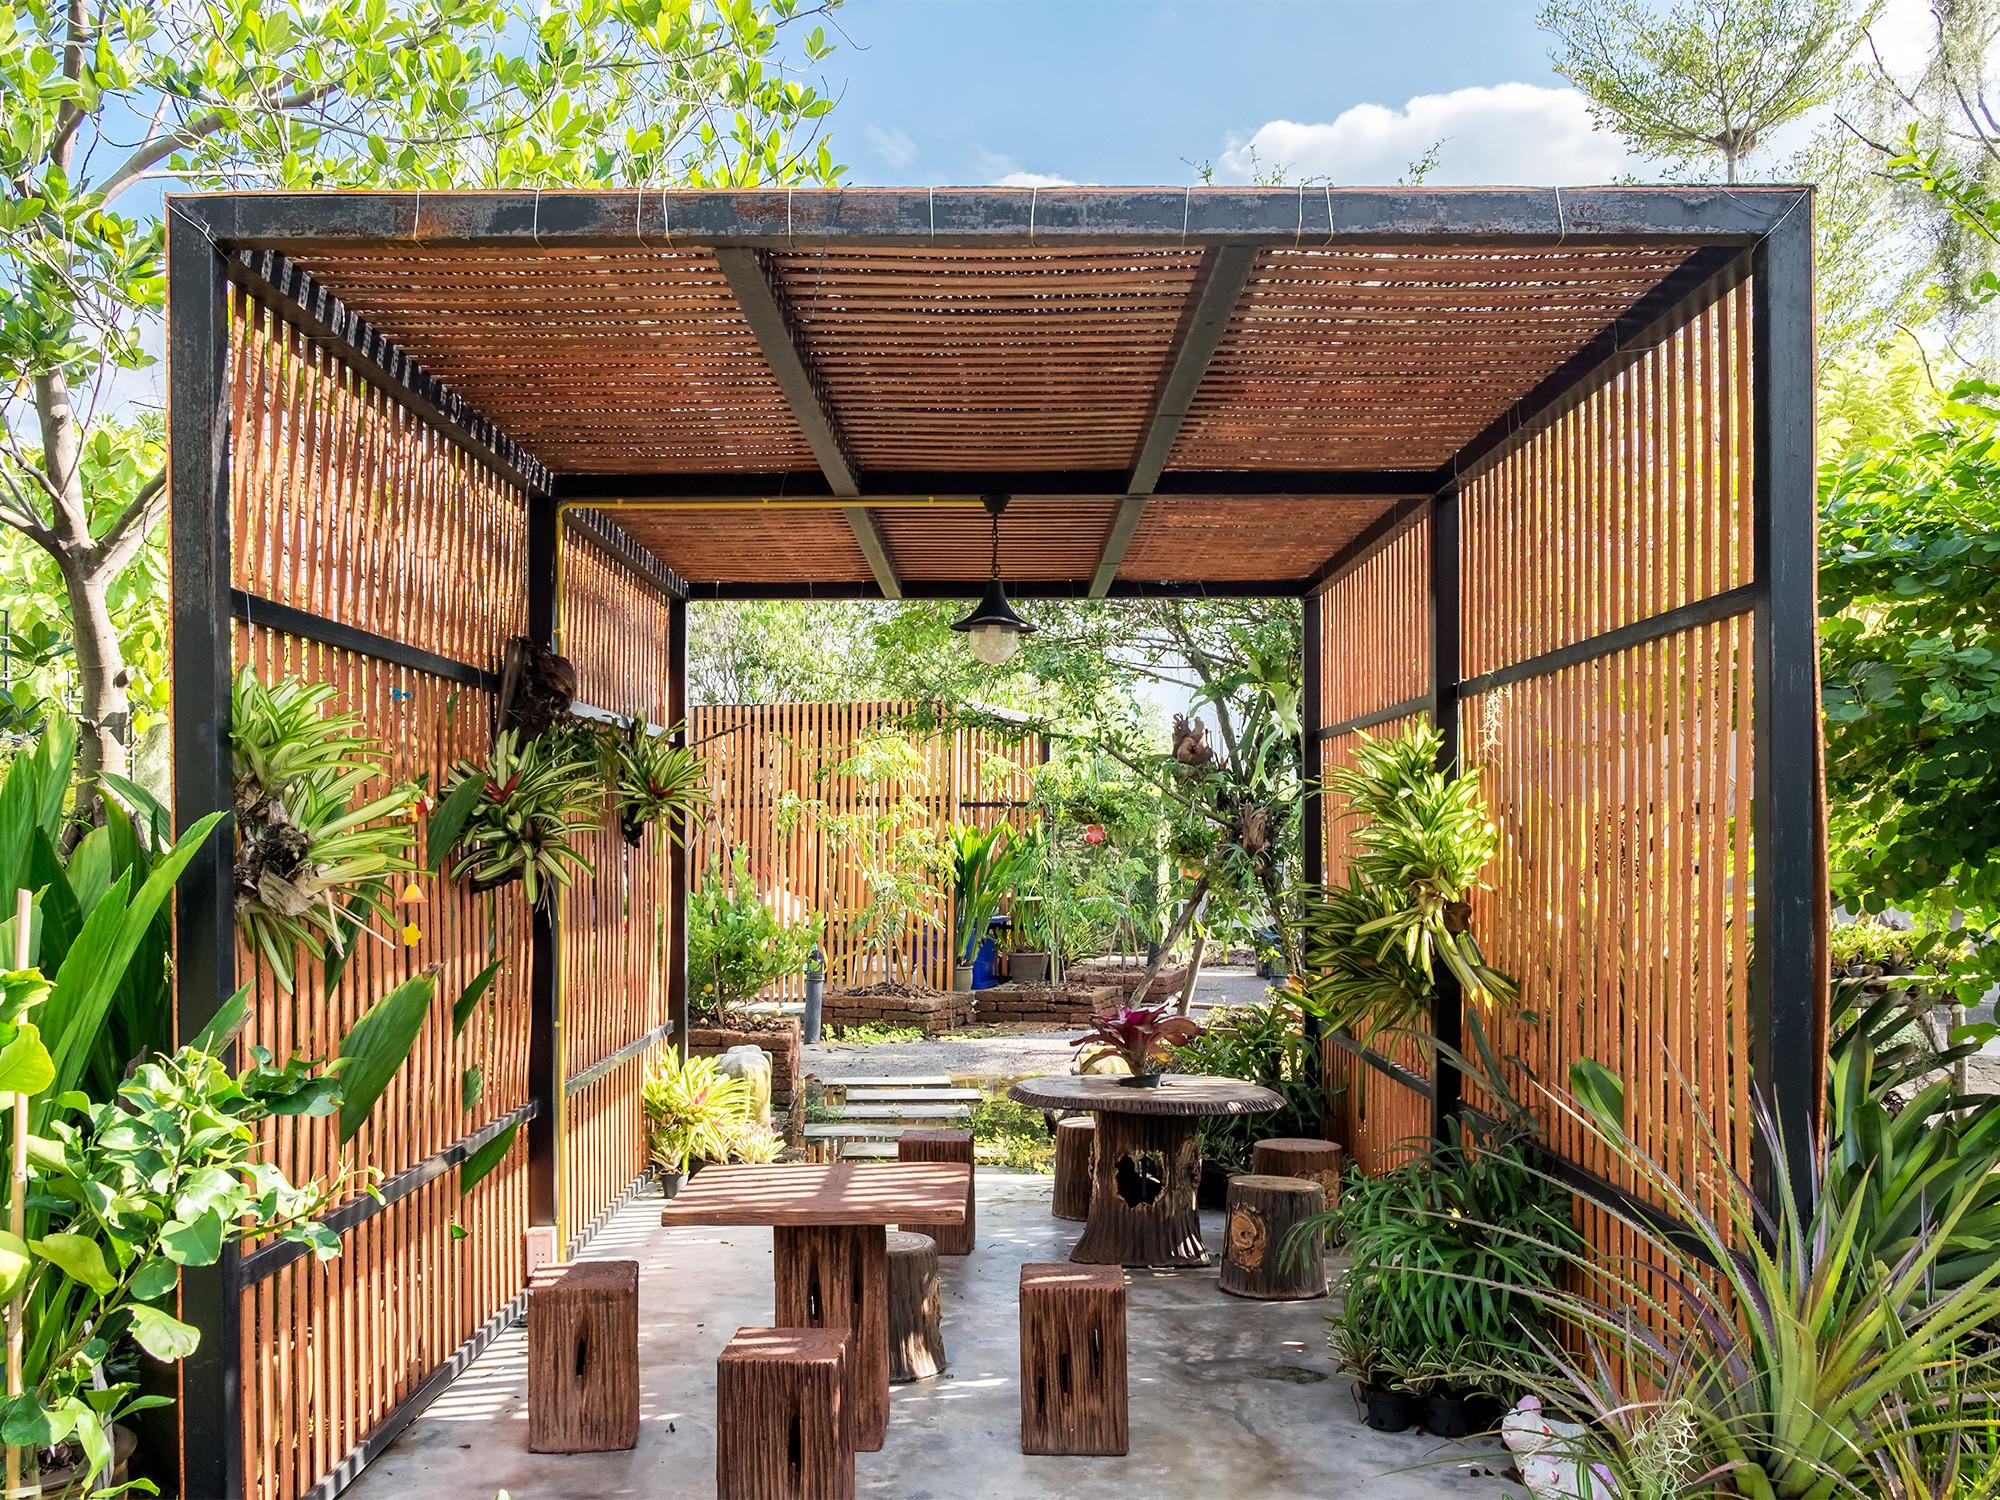 Outdoor Landscape Tropical  Tropical Garden Design Ideas To Inspire Your Outdoor Space